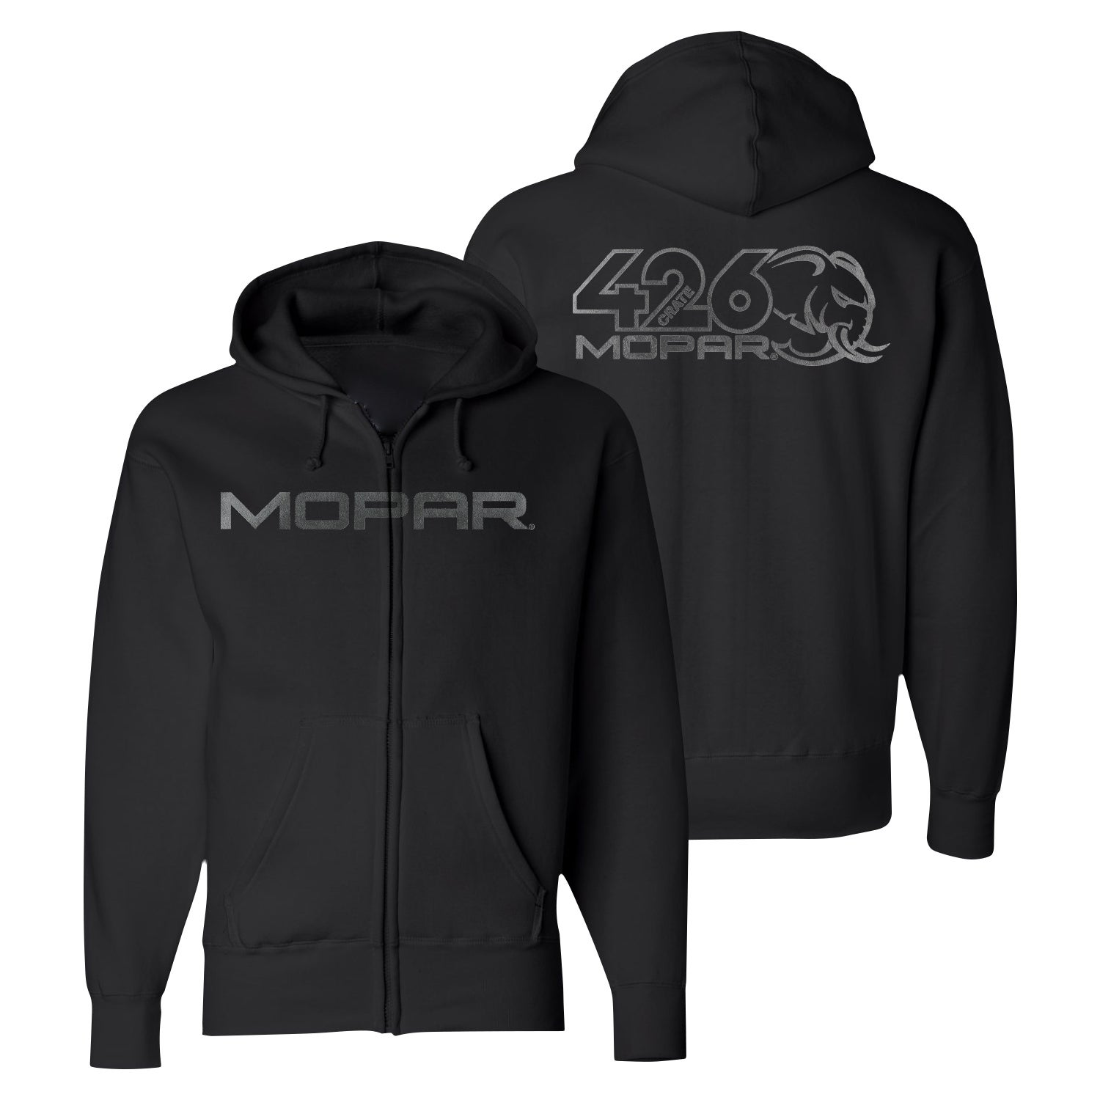 Dodge hoodie men/'s size sweatshirt ram hemi dodge sweatshirt for men hoody